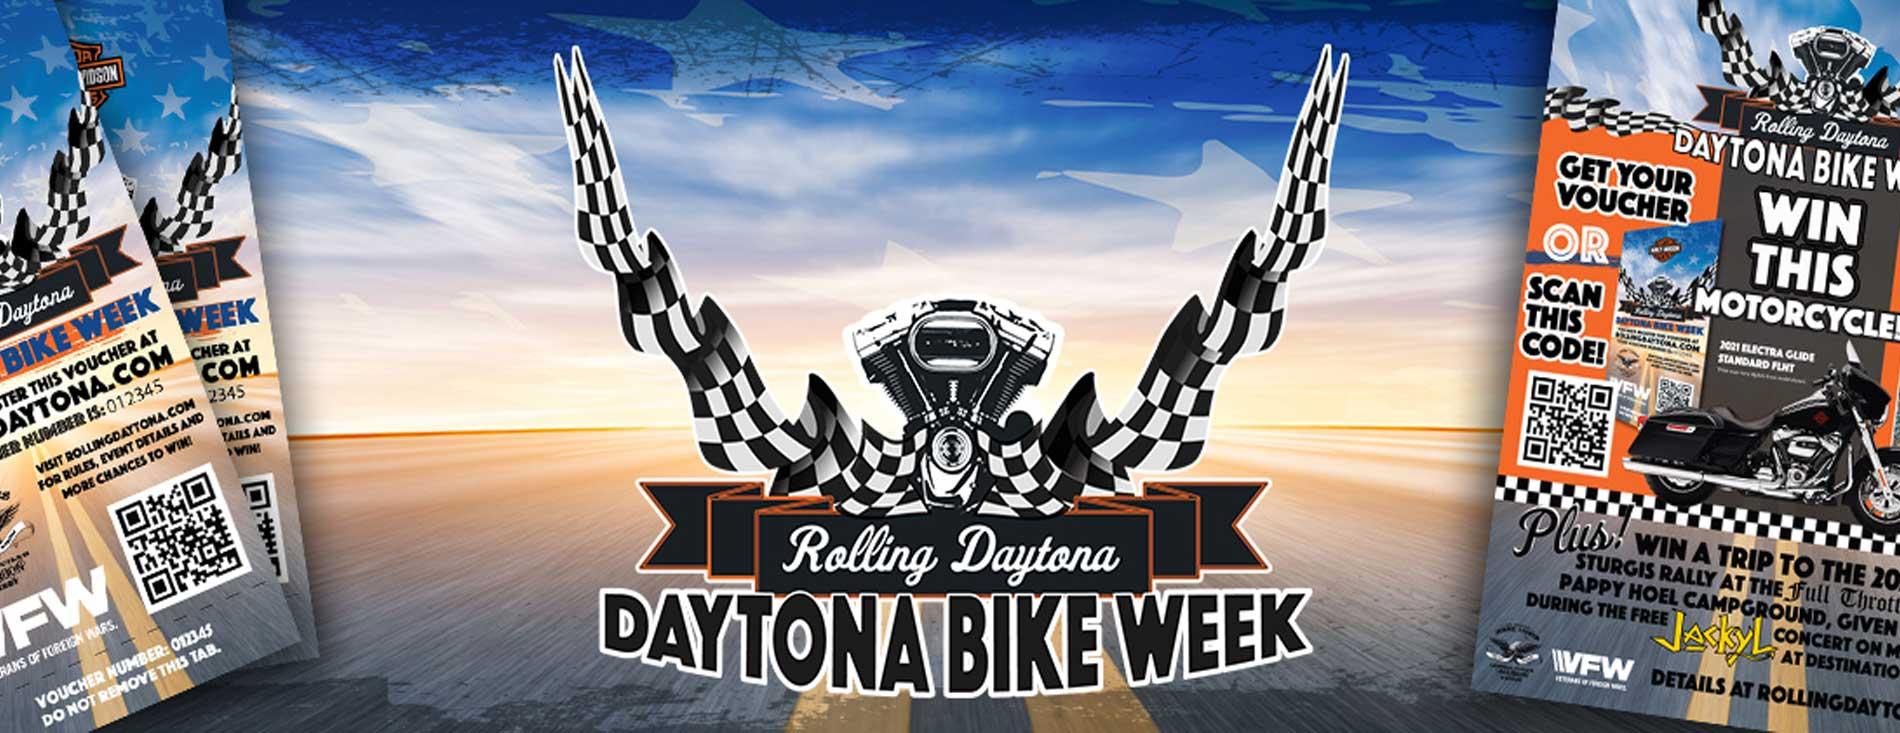 Rolling Daytona